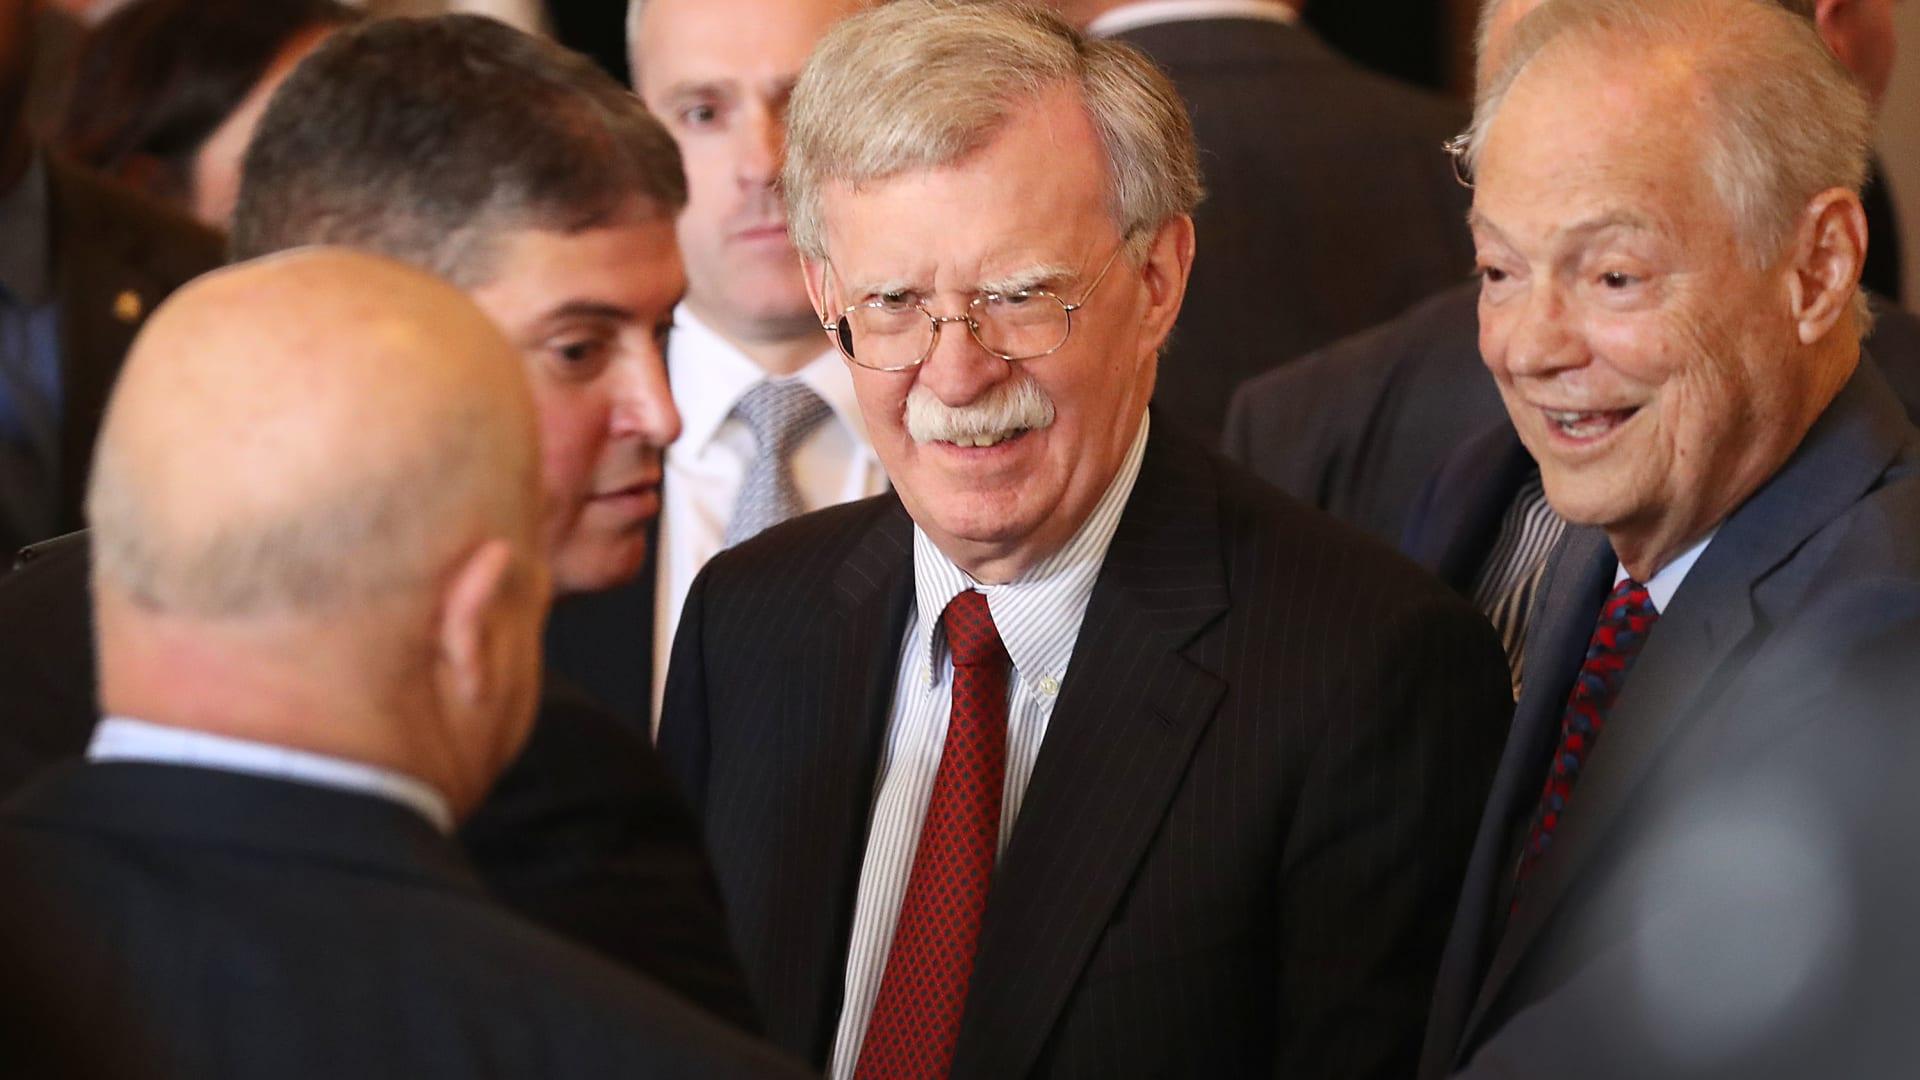 يفضل قصف إيران.. من هو مستشار ترامب الجديد للأمن القومي؟